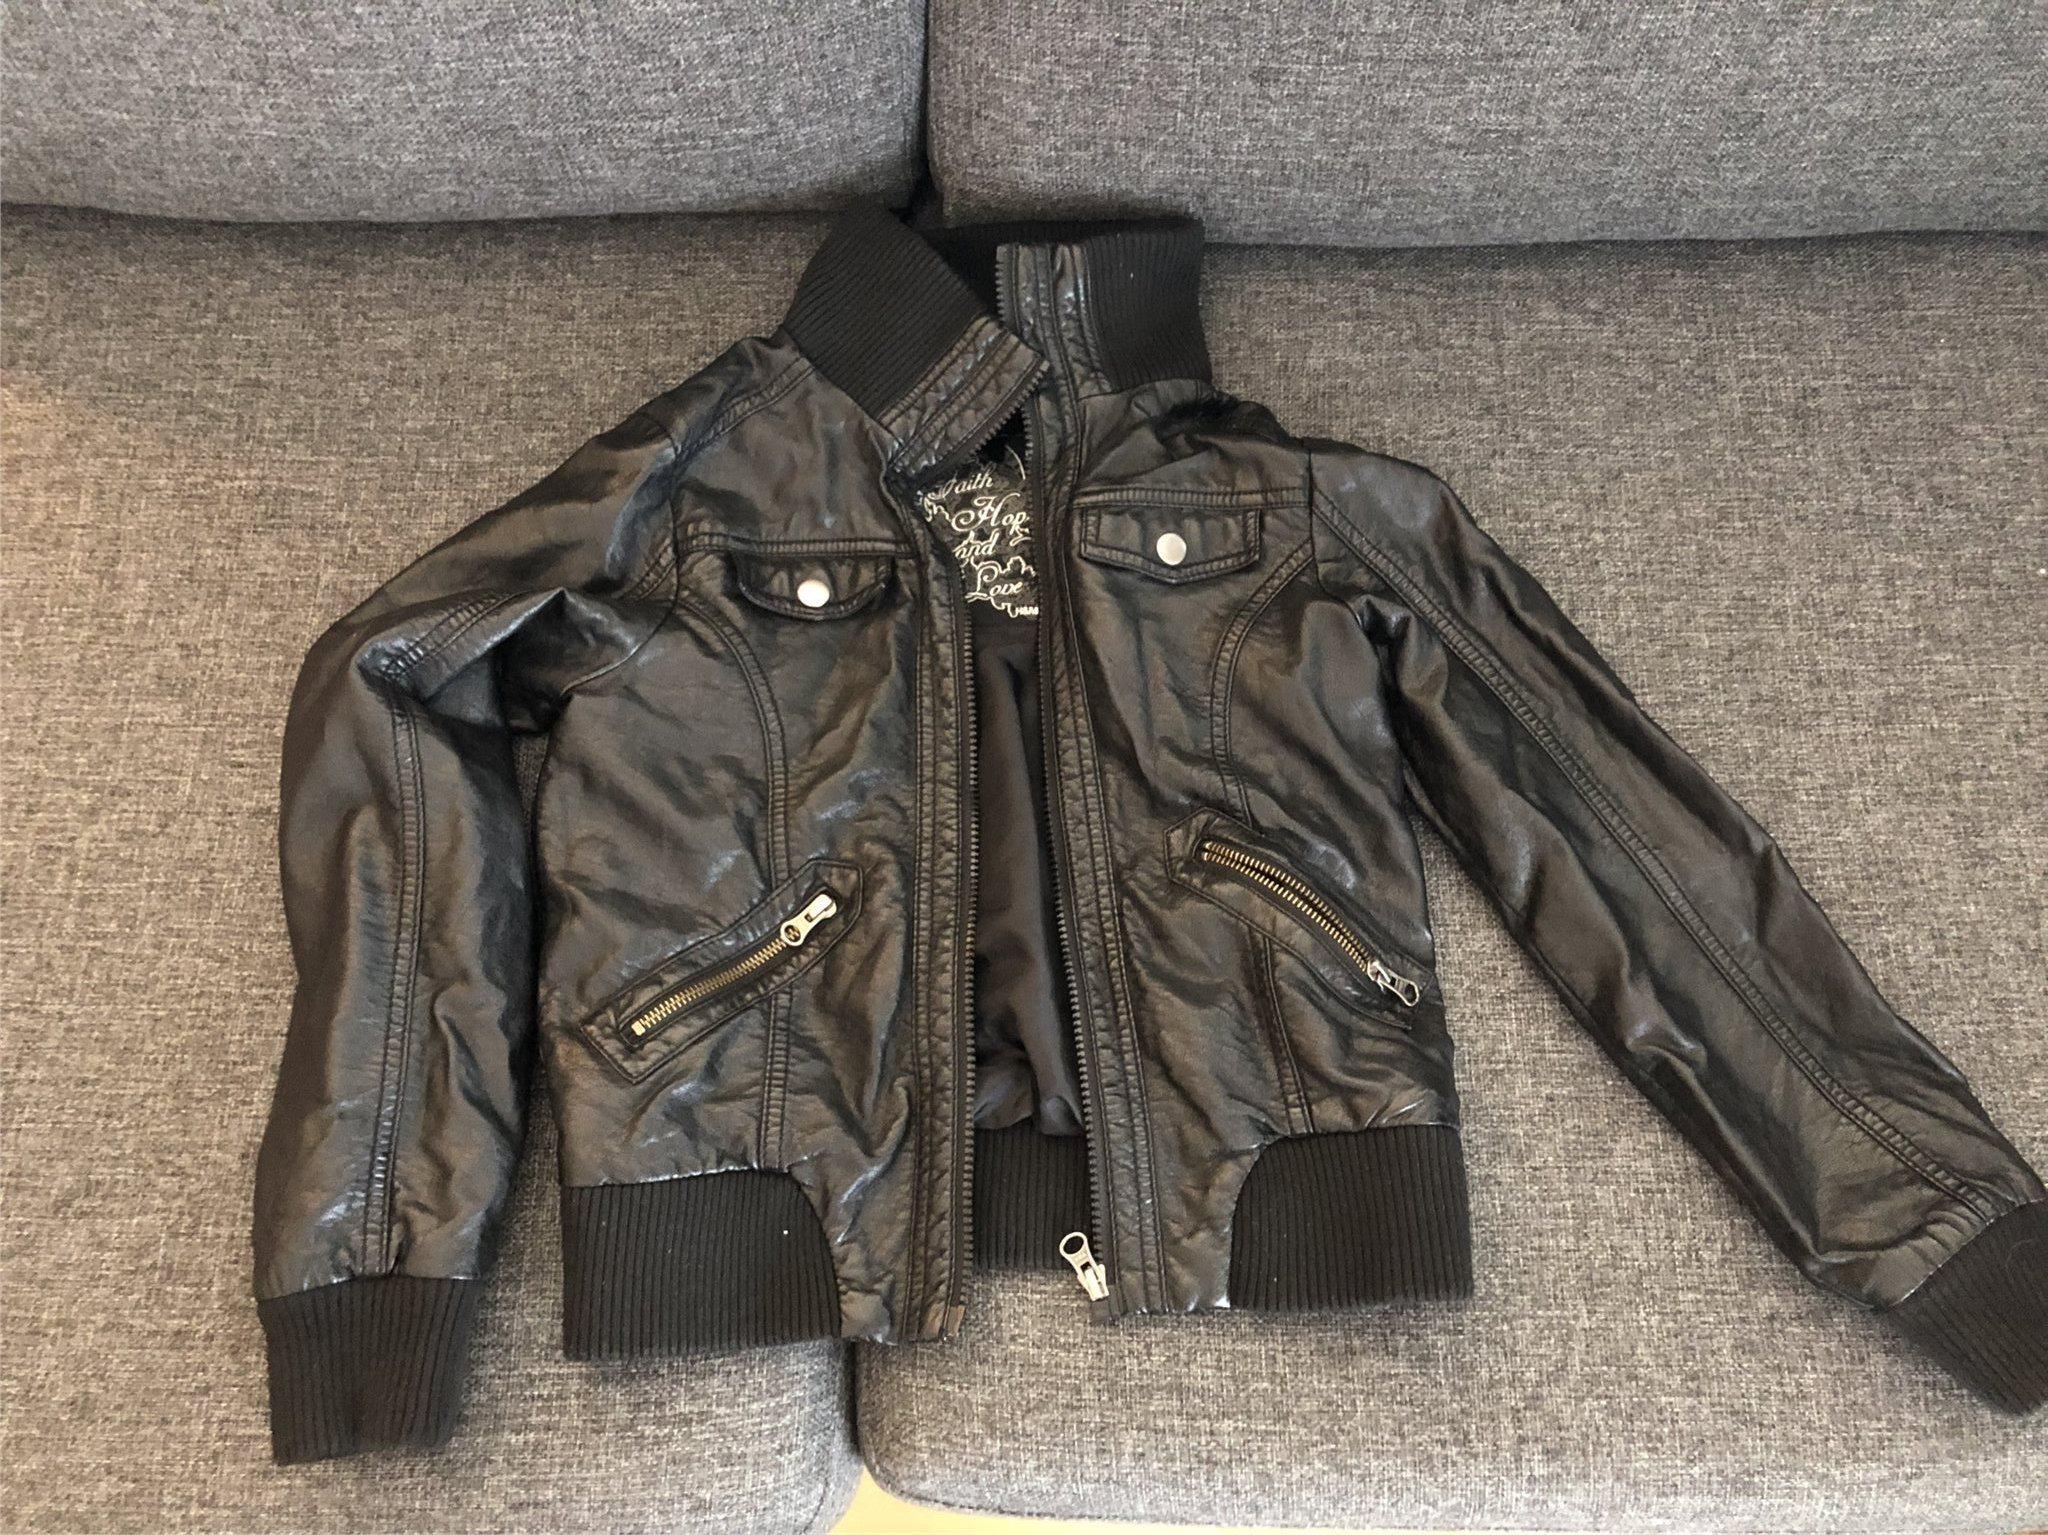 8f837f158c14 Skinjacka HM samt klänning HM (342447301) ᐈ Köp på Tradera